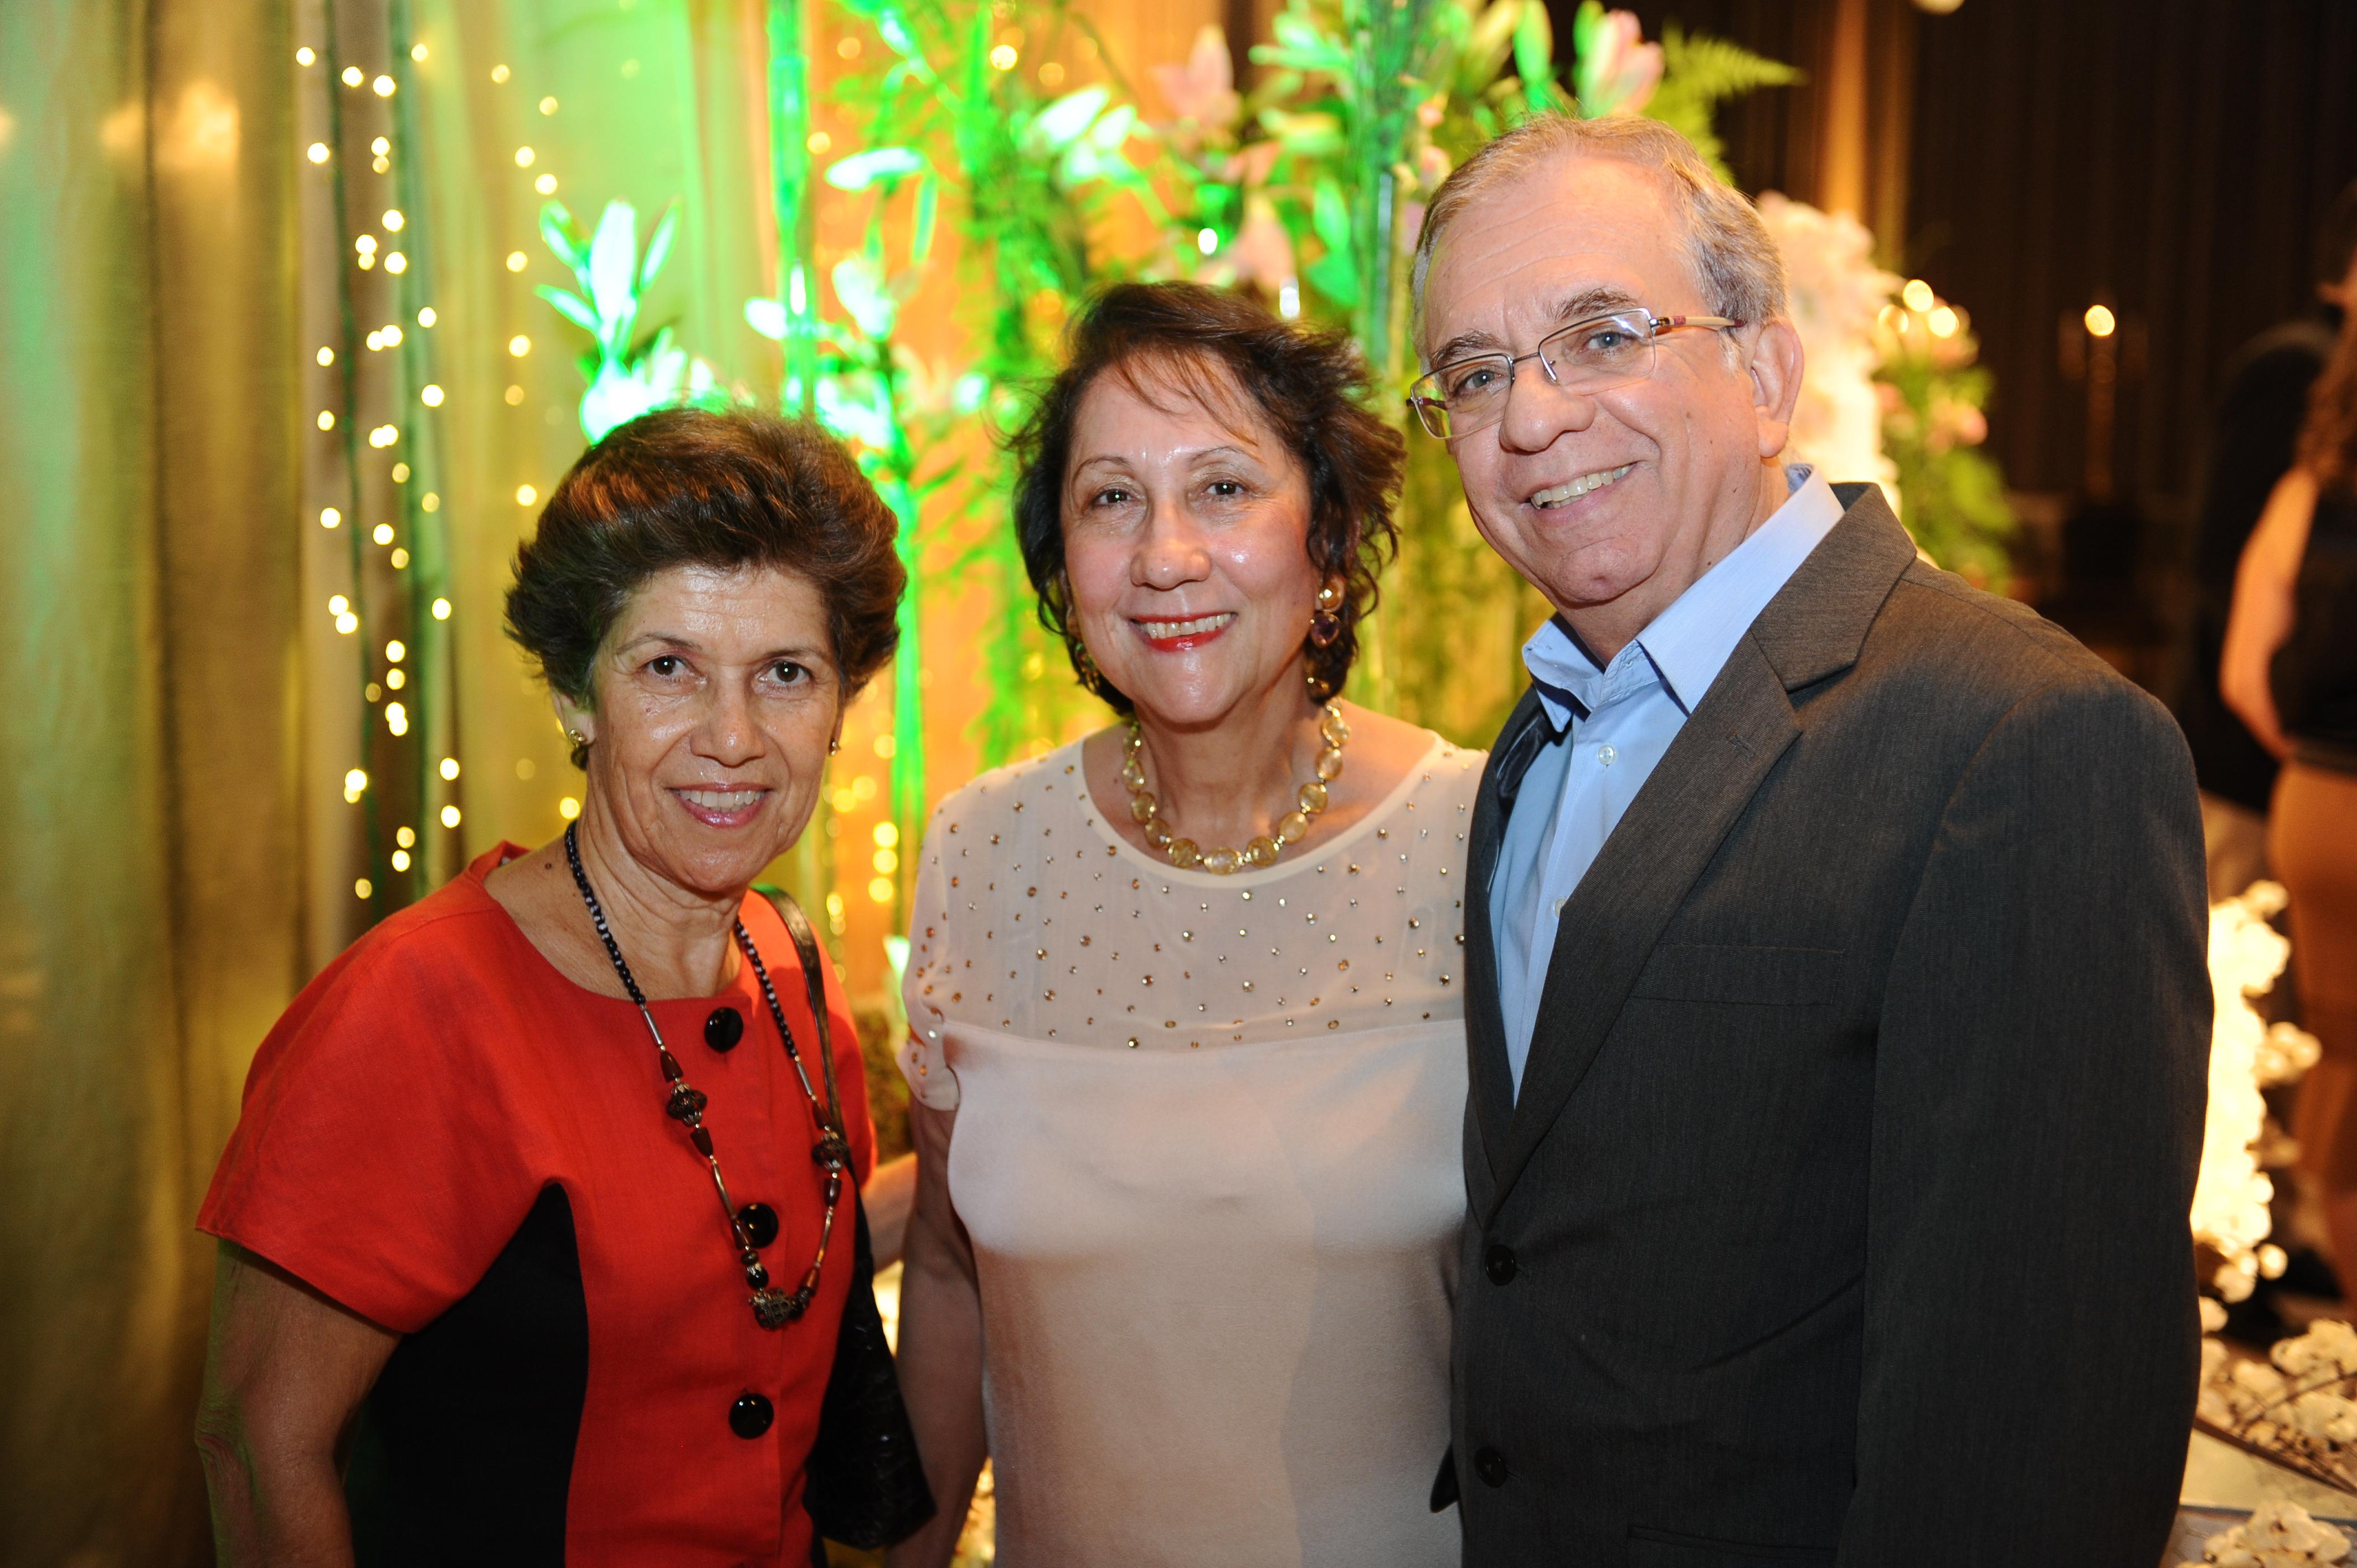 A advogada Gilcleide Alves clicada ao lado do casal Beth e Sergio Furlane.